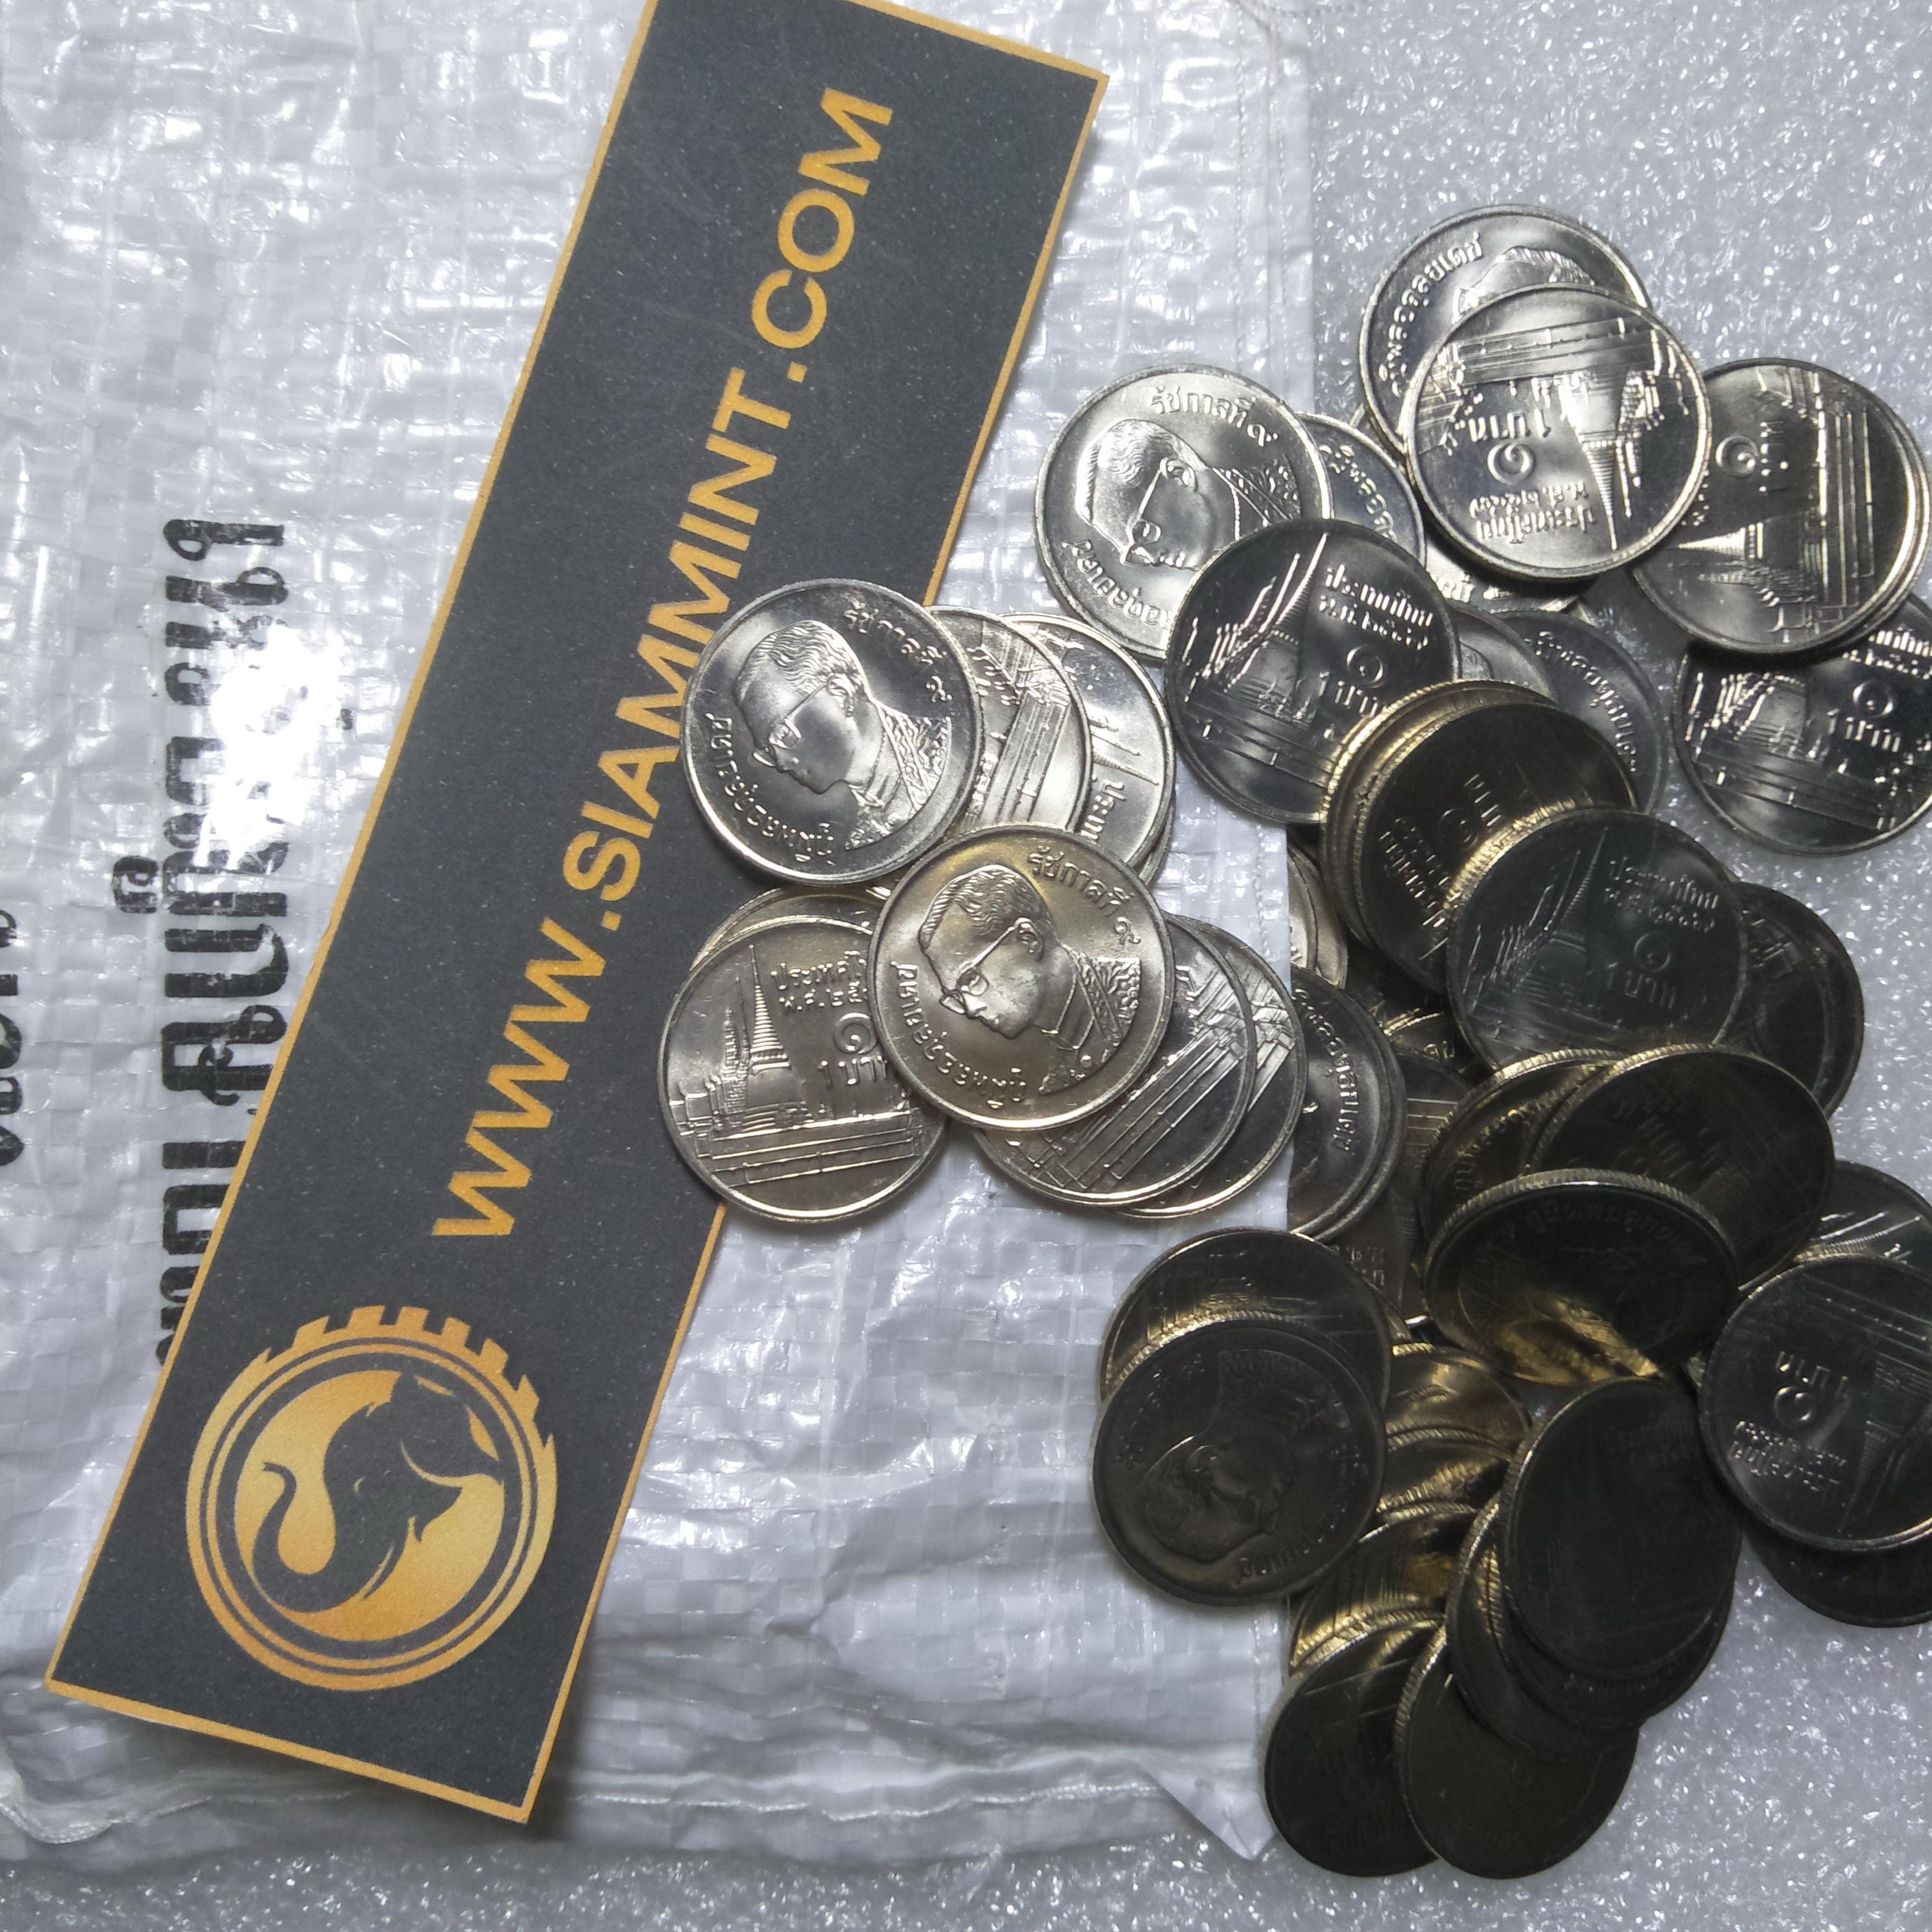 เหรียญ 1 บาท 2547 ไม่ผ่านใช้ UNC